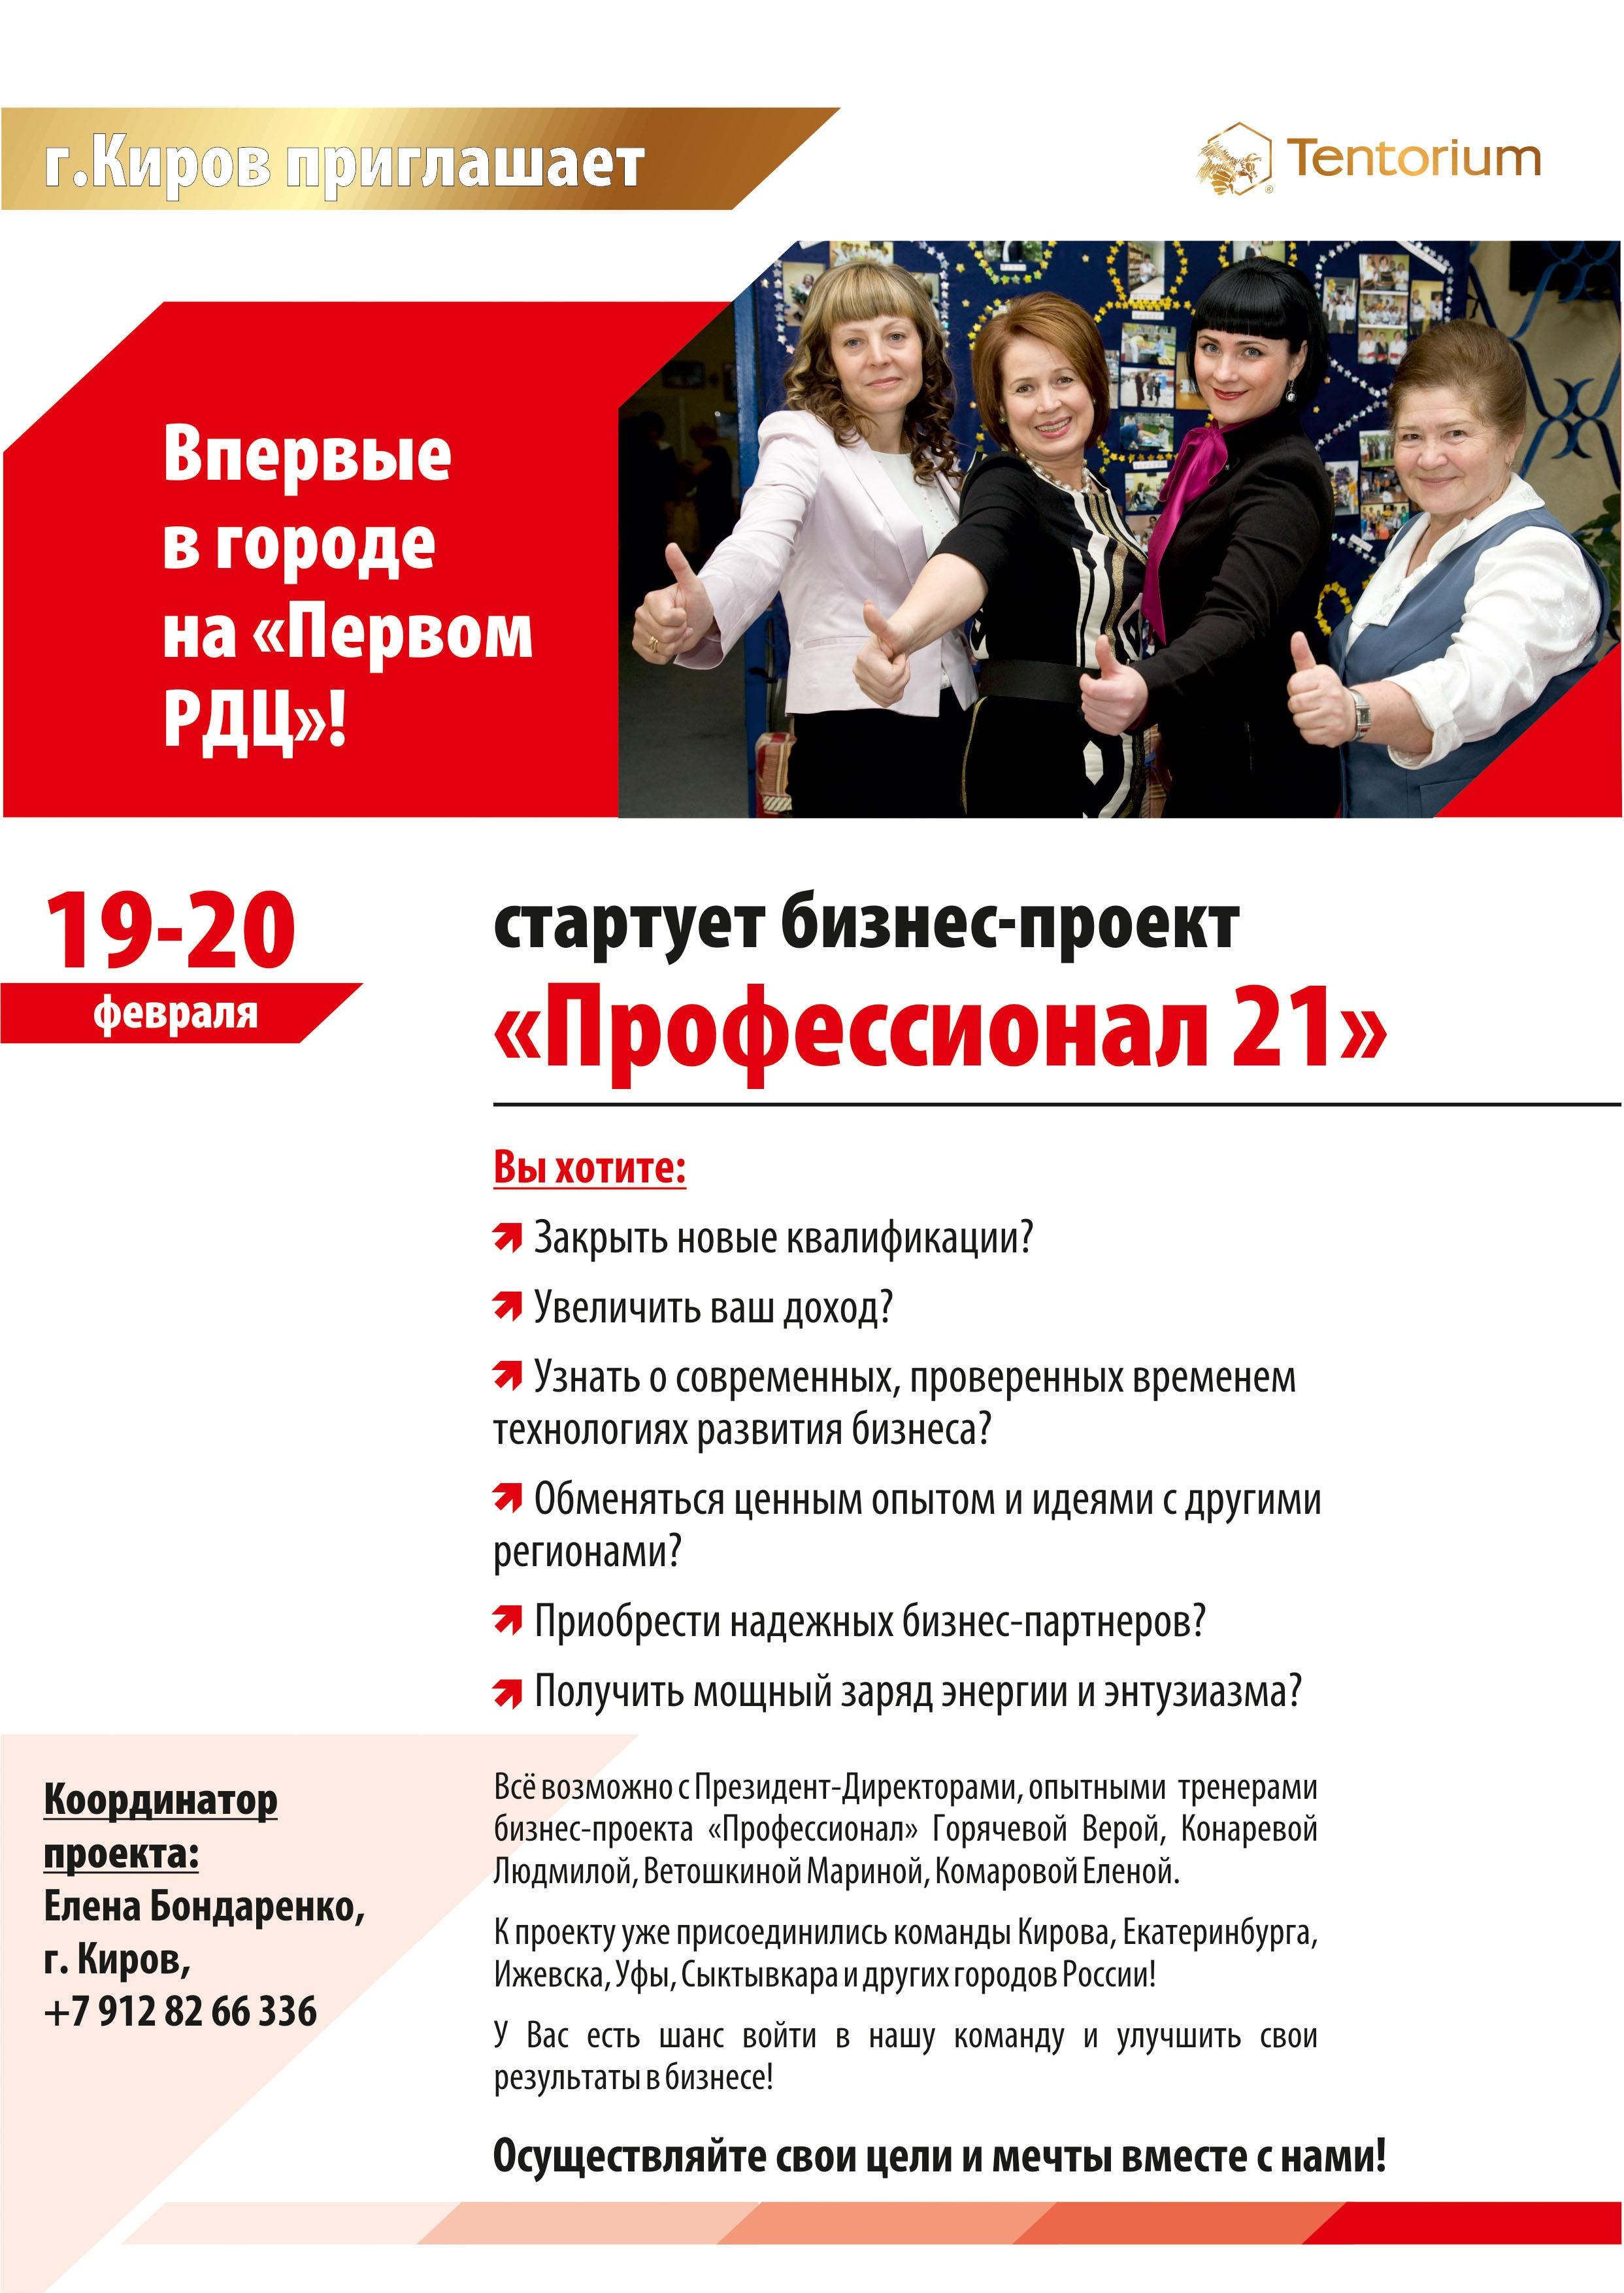 Обучение в Кирове